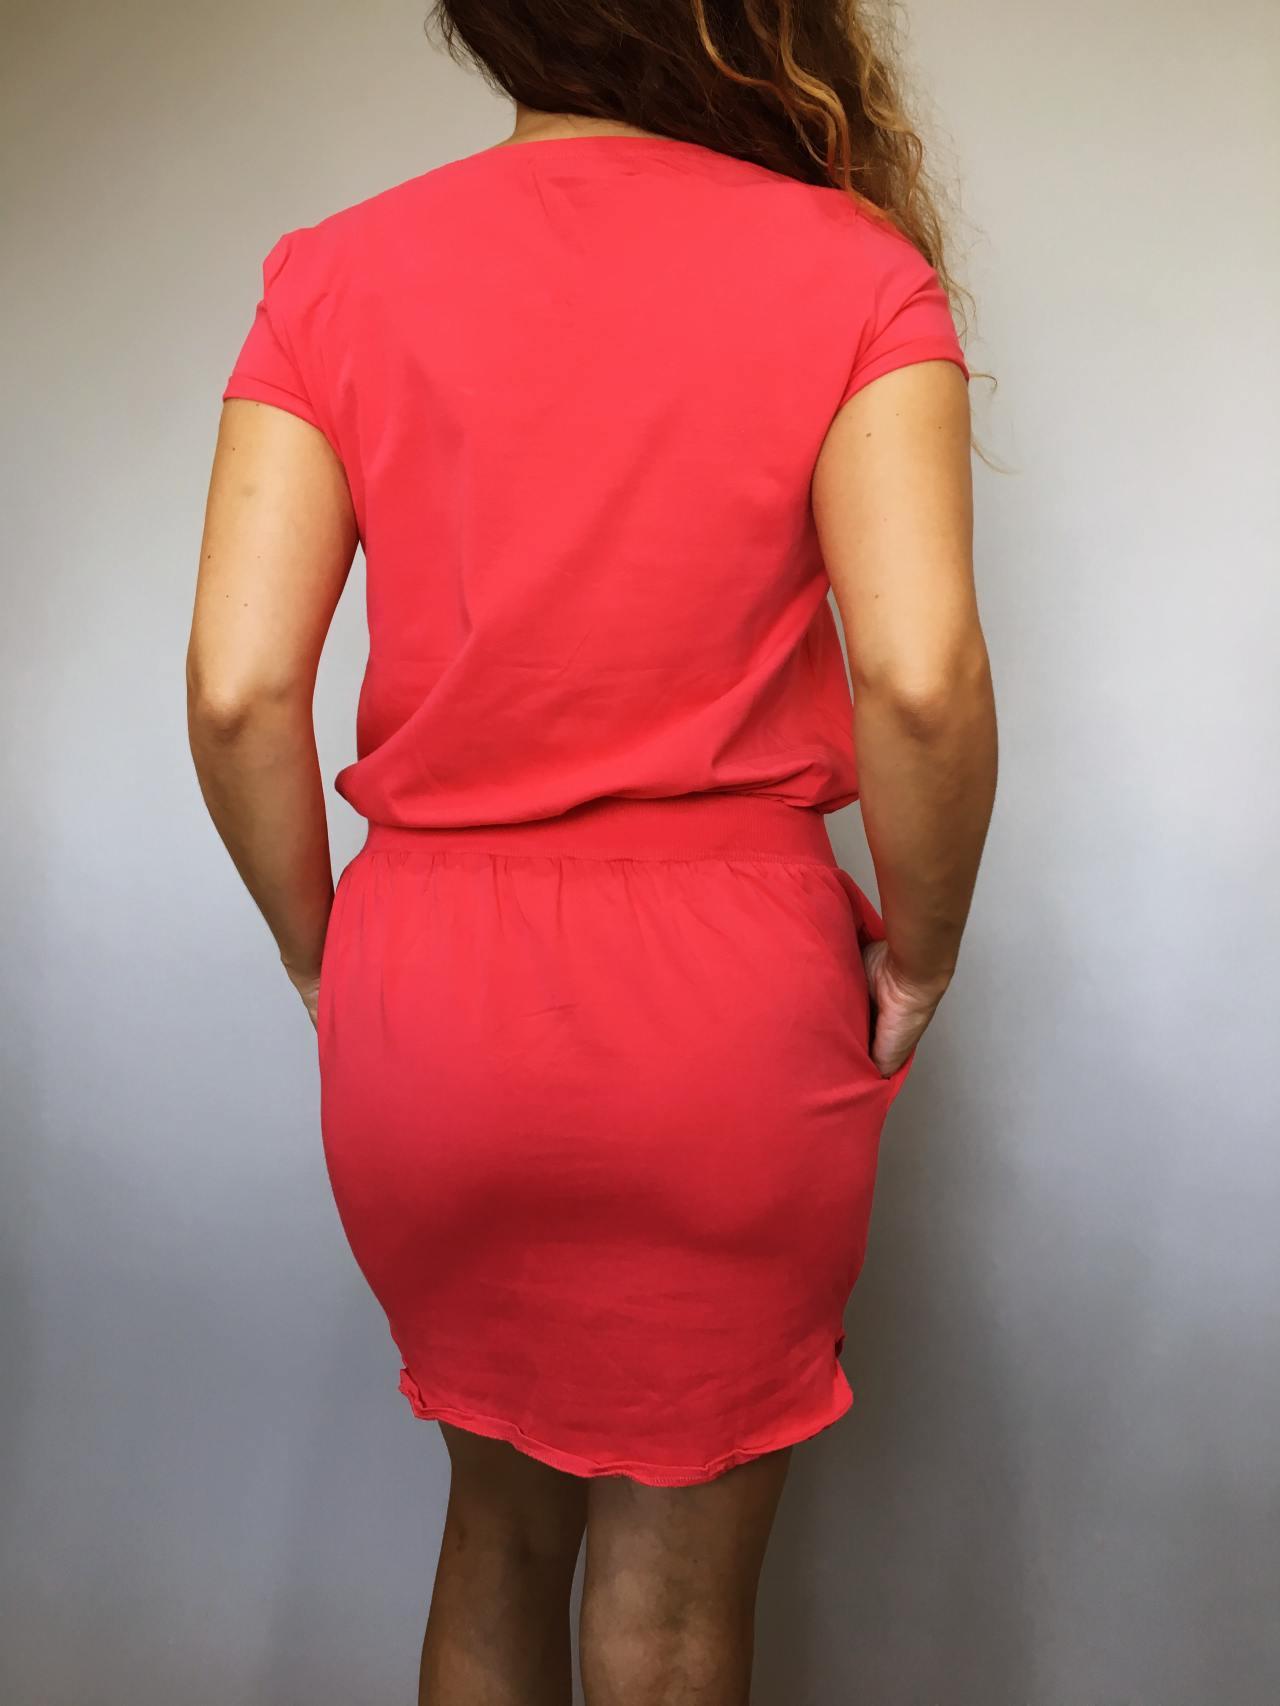 Šaty Carry červené 04